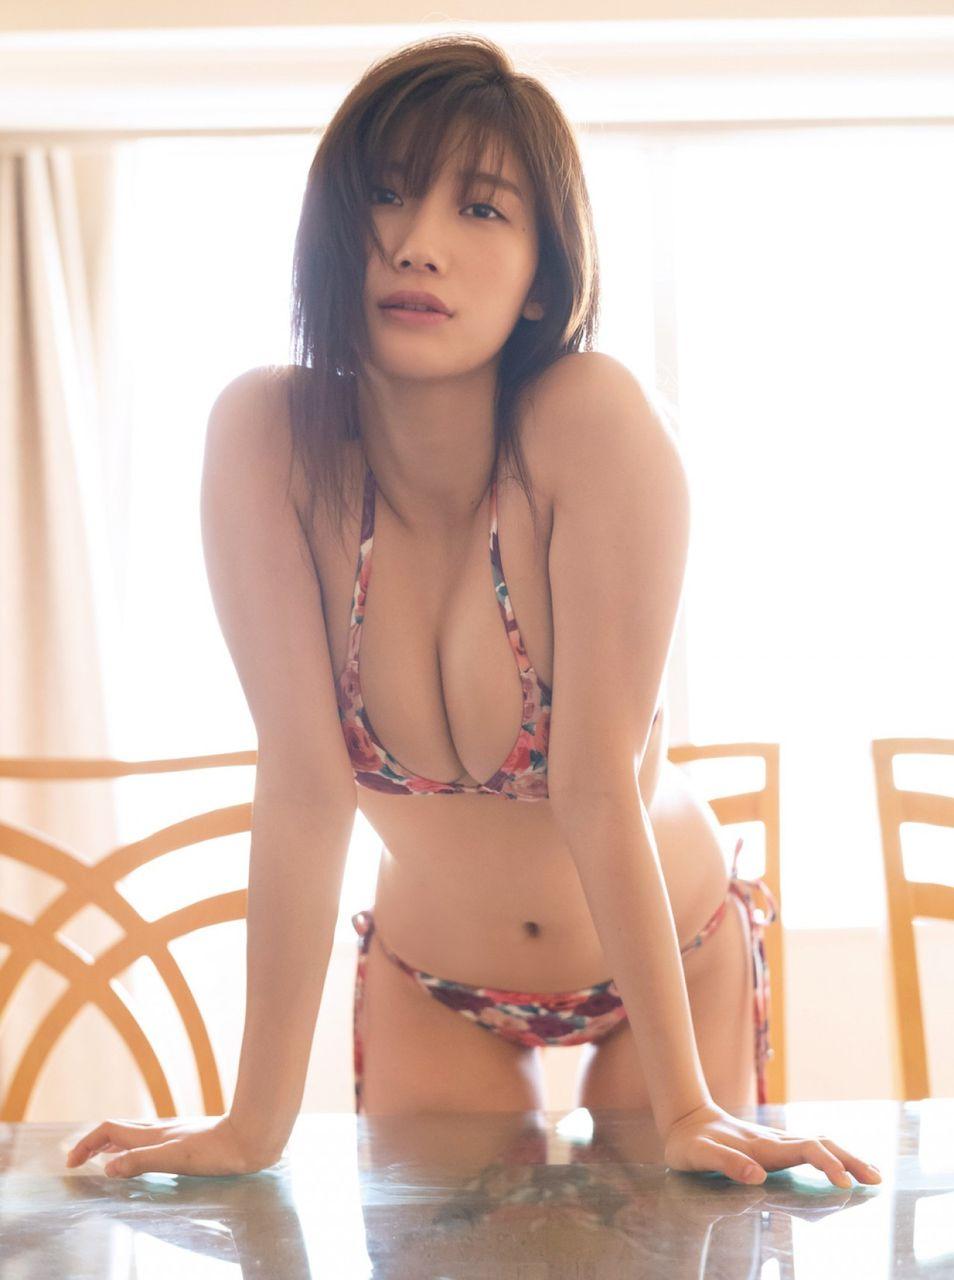 ogura_yuuka189.jpg